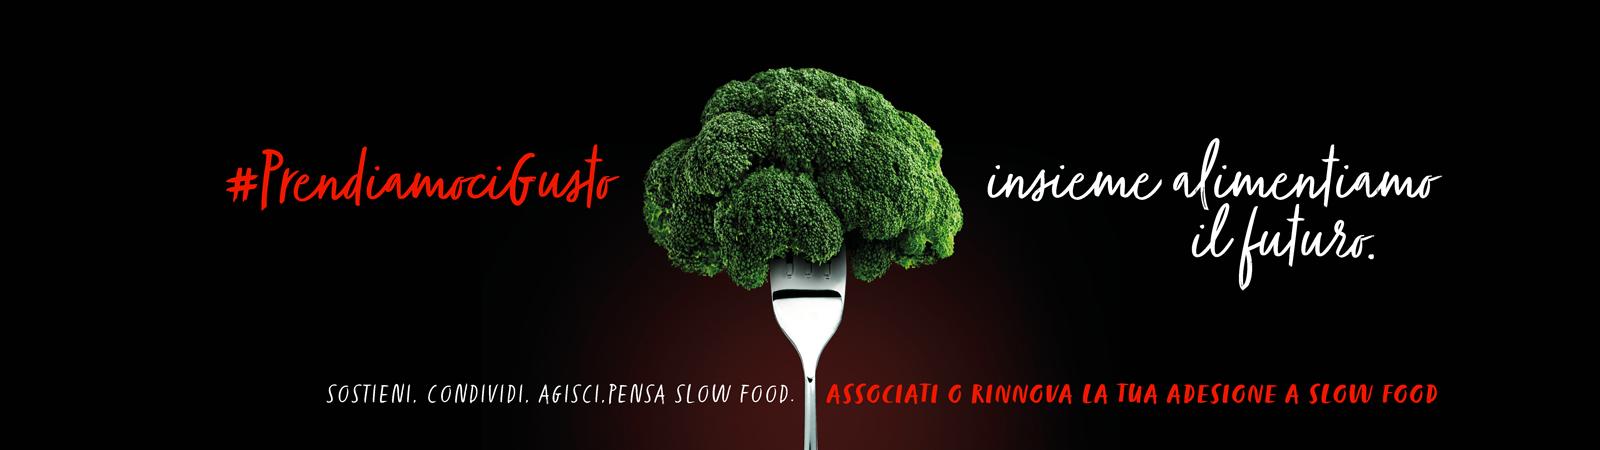 Slow Food Emilia Romagna: qualche buona ragione per entrare nella rete Slow Food